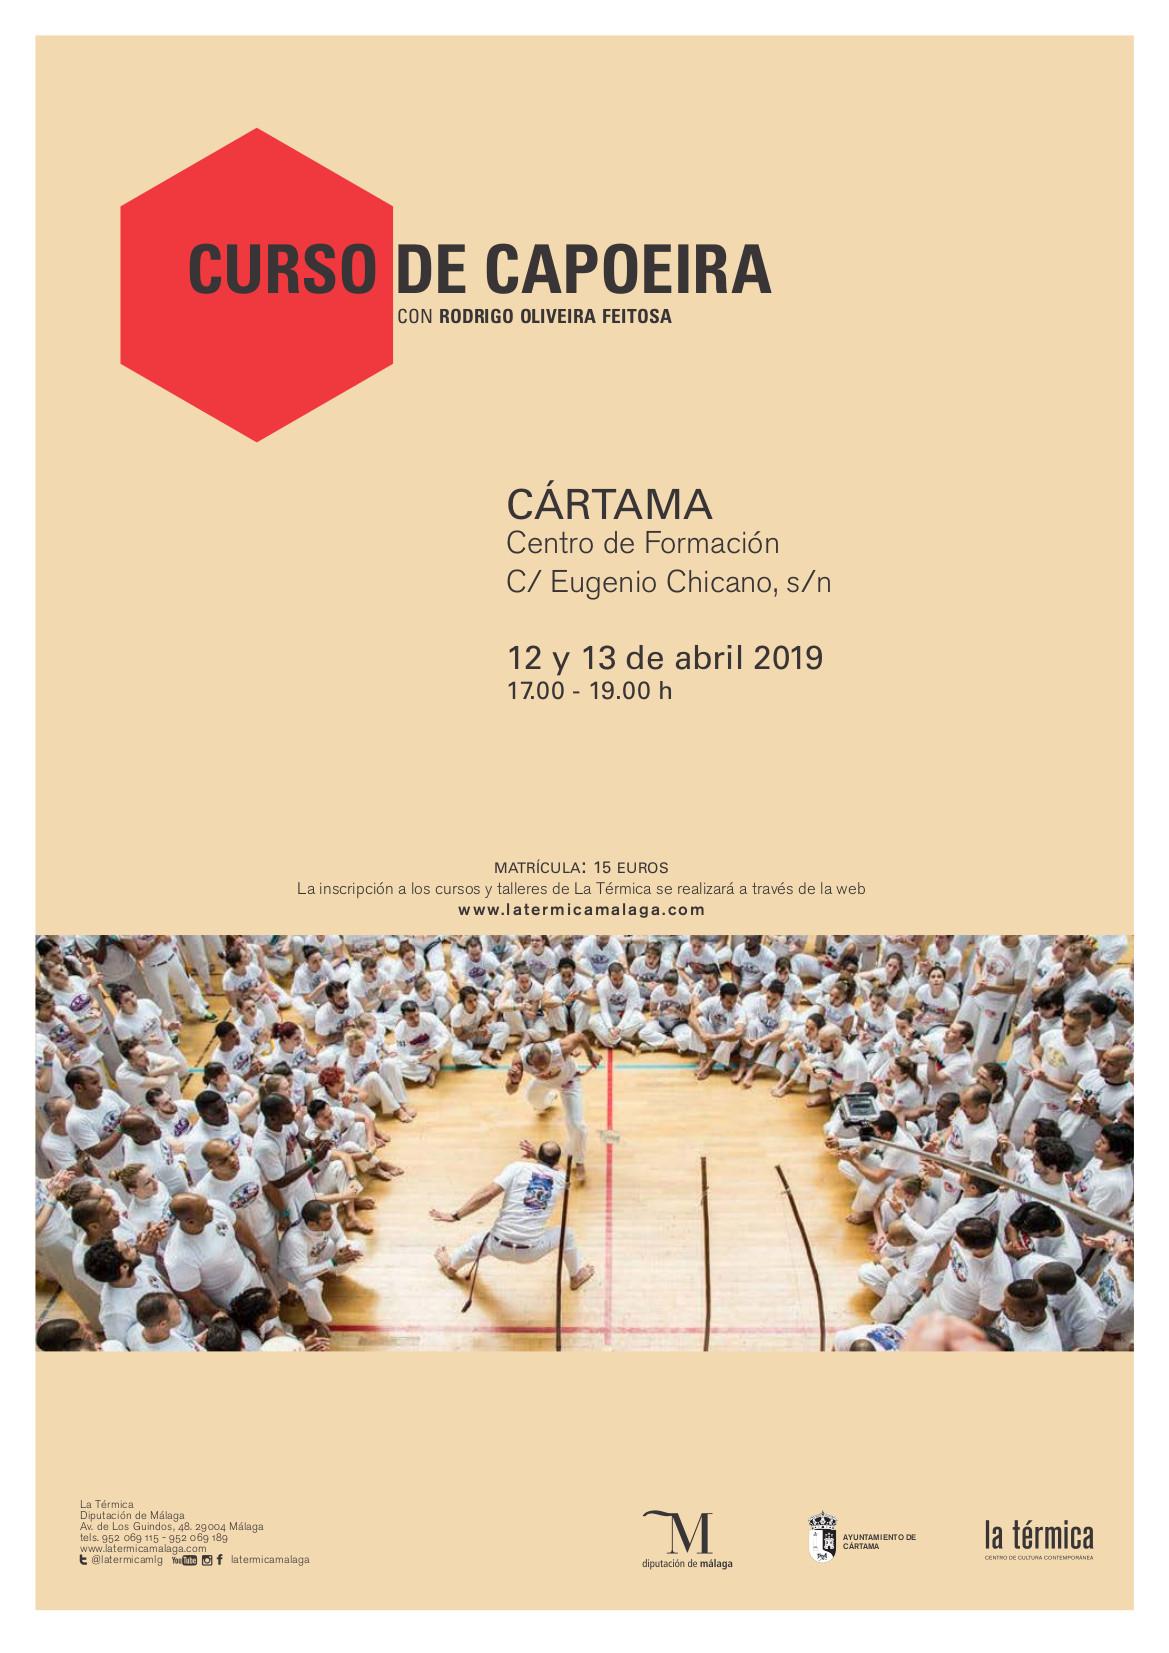 cartel-curso-capoeira-de-la-termica-en-cartama-12-y-13-abril-19